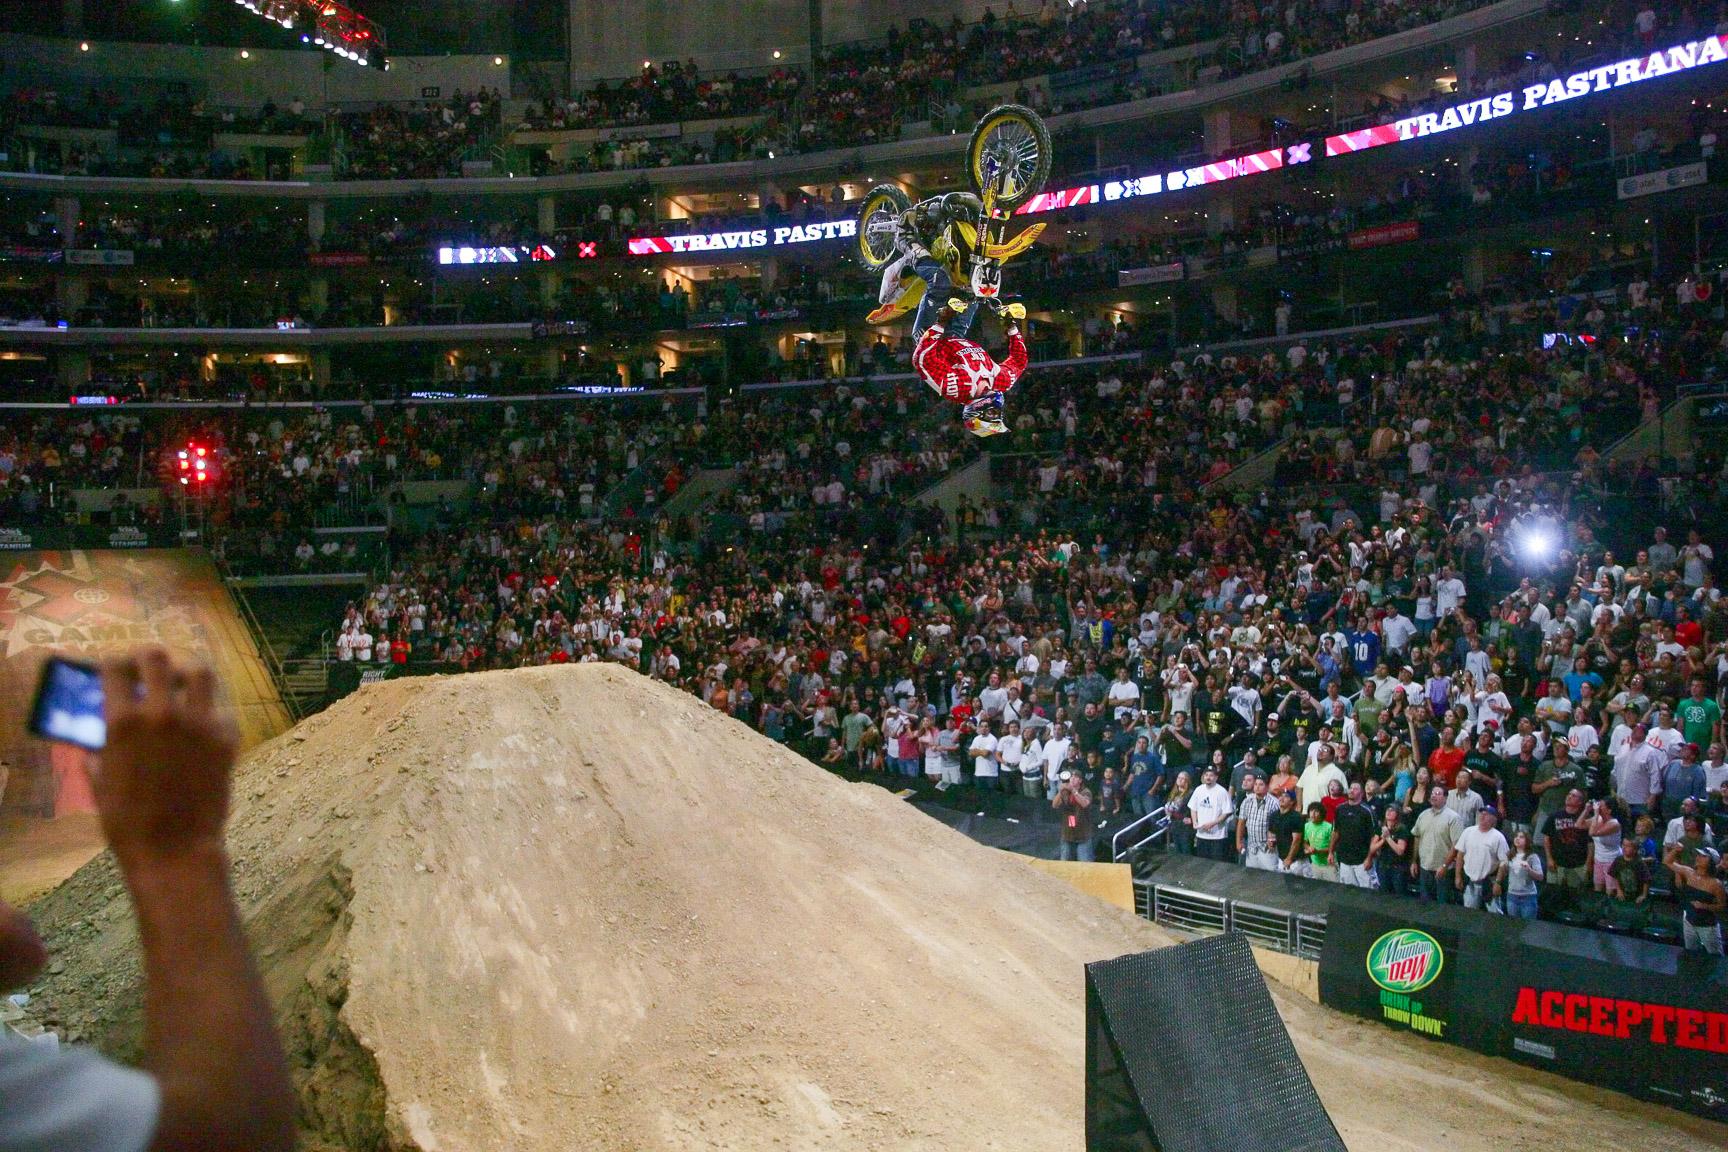 #2 Travis Pastrana: Moto X Double Backflip